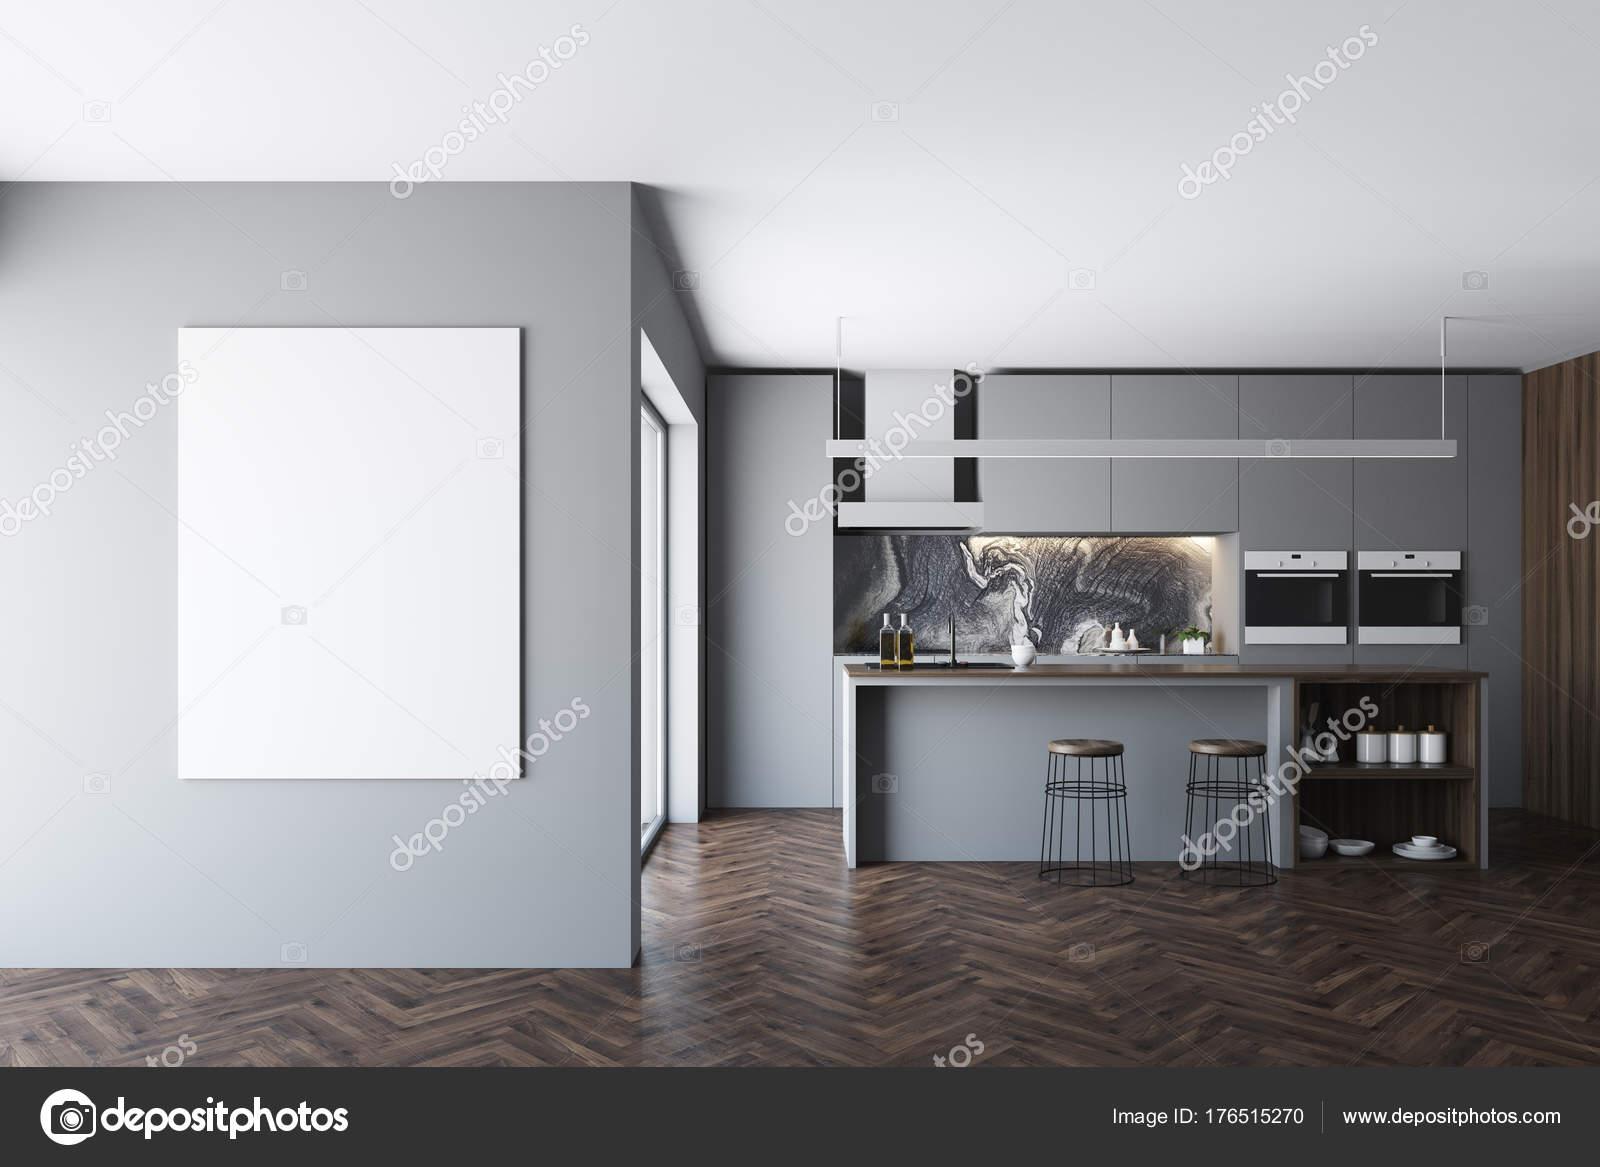 Cucina grigio scuro, bar e finestra, poster — Foto Stock ...